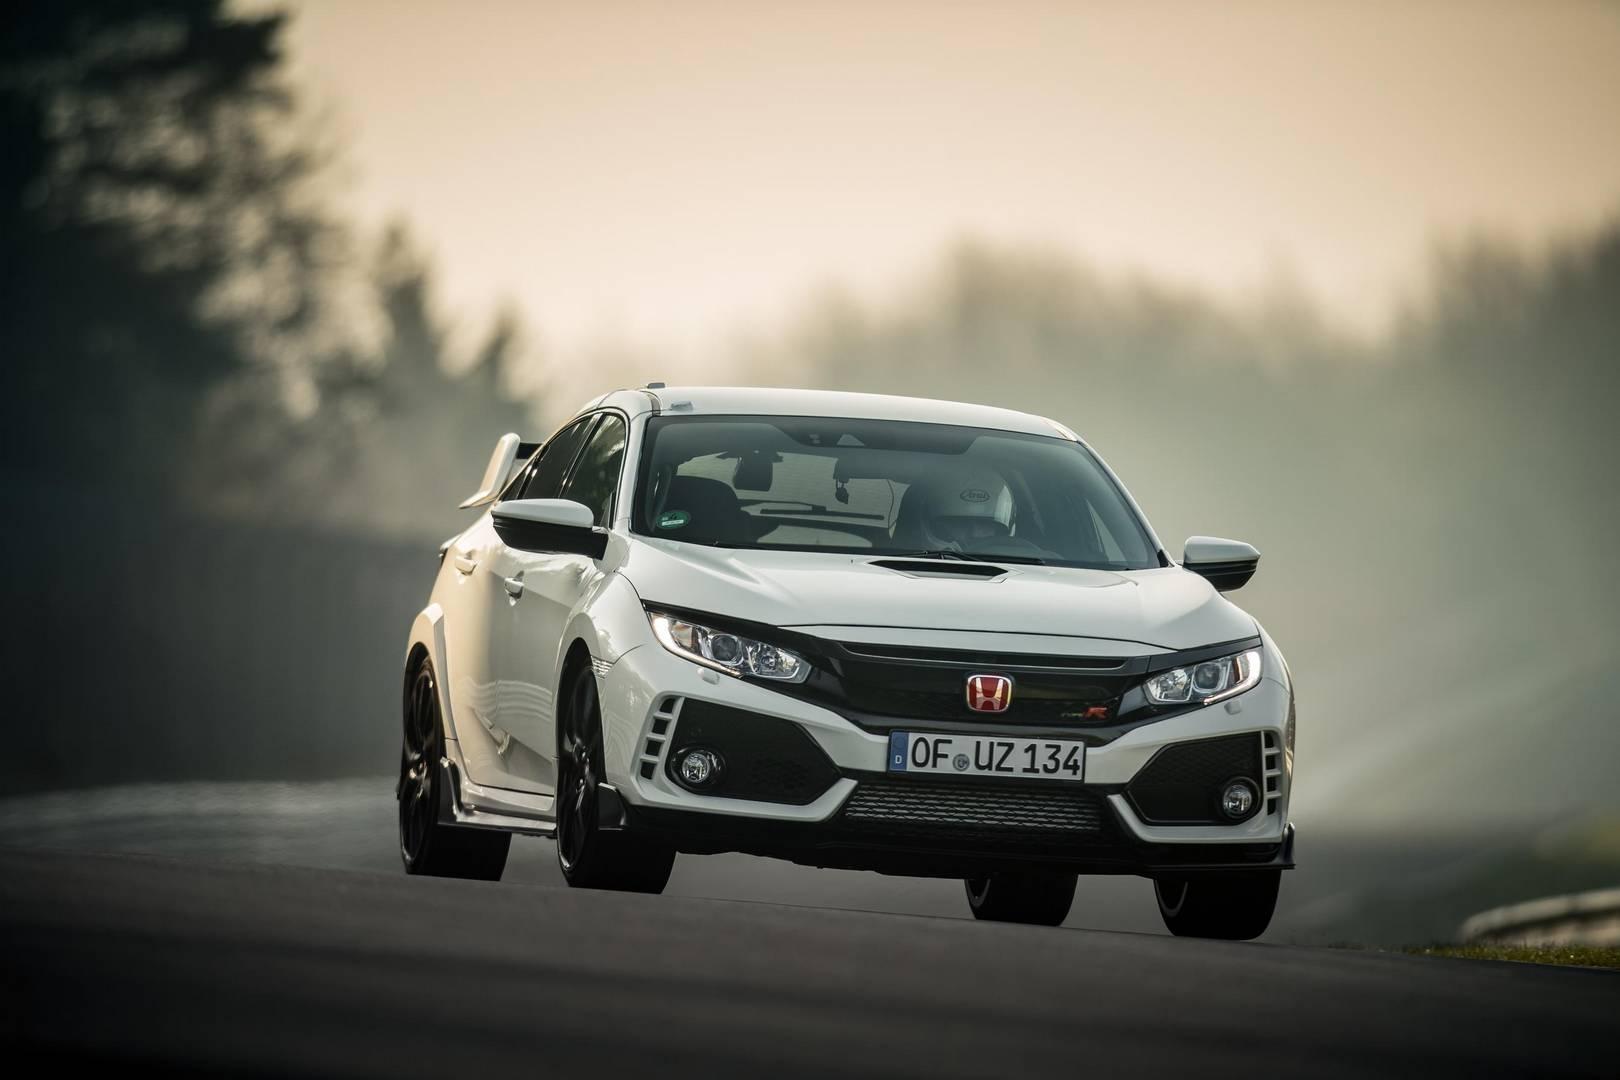 Как и в уходящая модель, клиенты, которые вложат дополнительные £2000 за версию GT, получат монитор перекрестного трафика, двухзонный климат-контроль, автоматическое затемнение зеркала заднего вида, систему Honda CONNECT с навигацией Garmin, беспрово